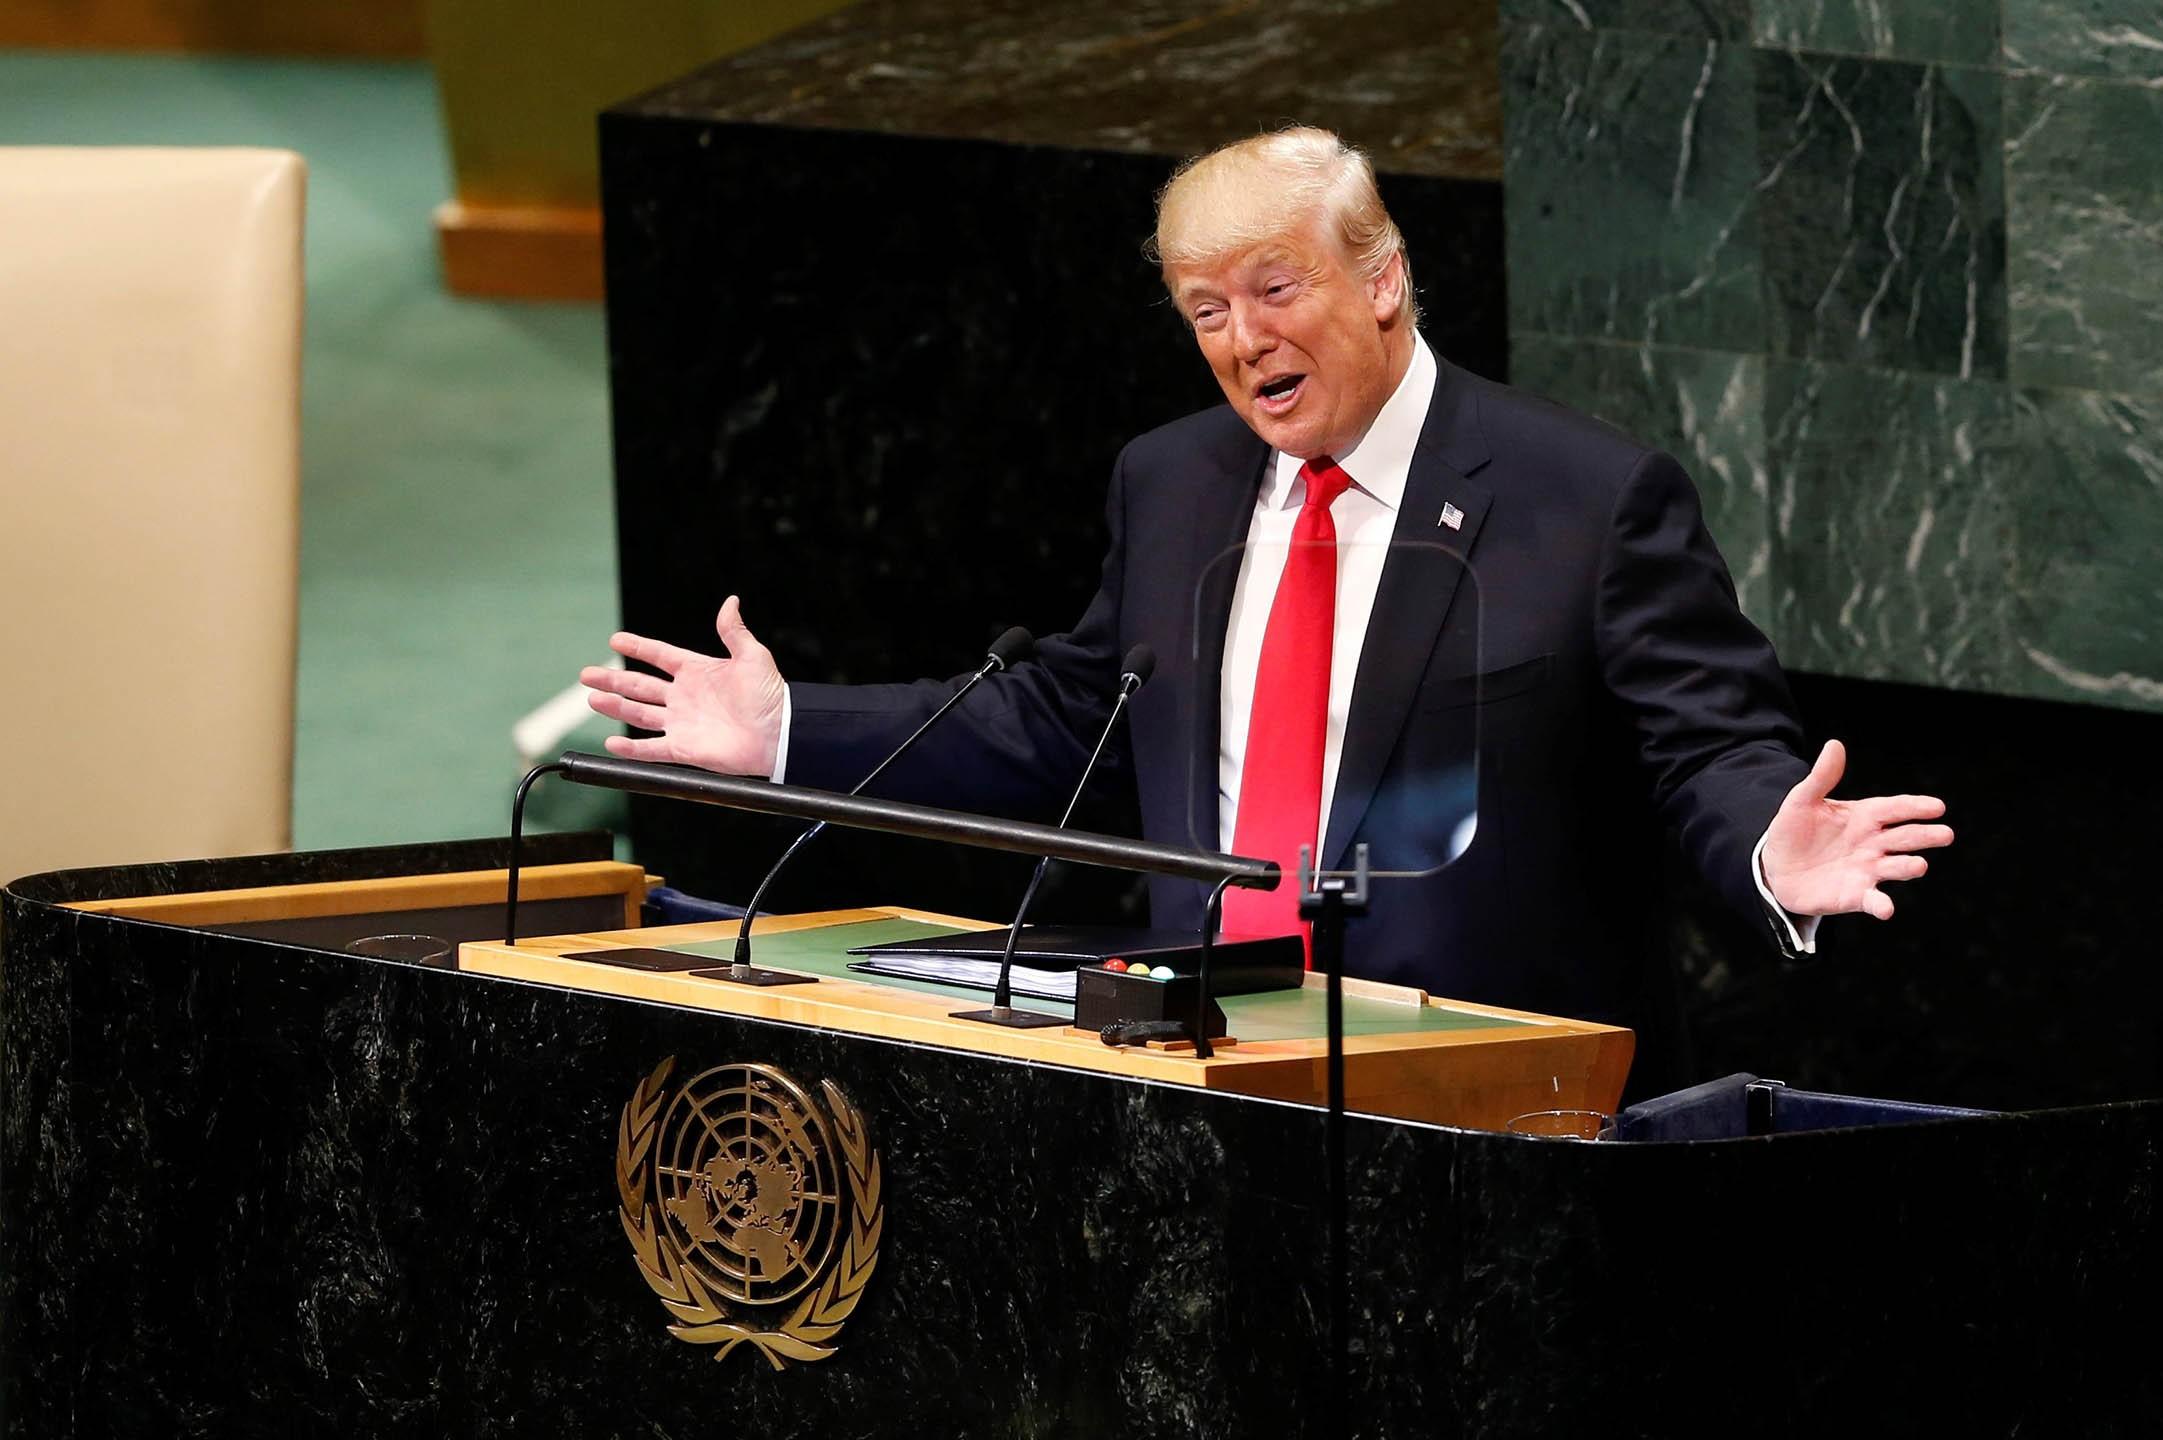 Амерички председник Доналд Трамп се смеје и гестикулира рукама током говора у Генералној скупштини Уједињених нација, 25. септембар 2018. (Фото: Anadolu Agency/Getty Images)